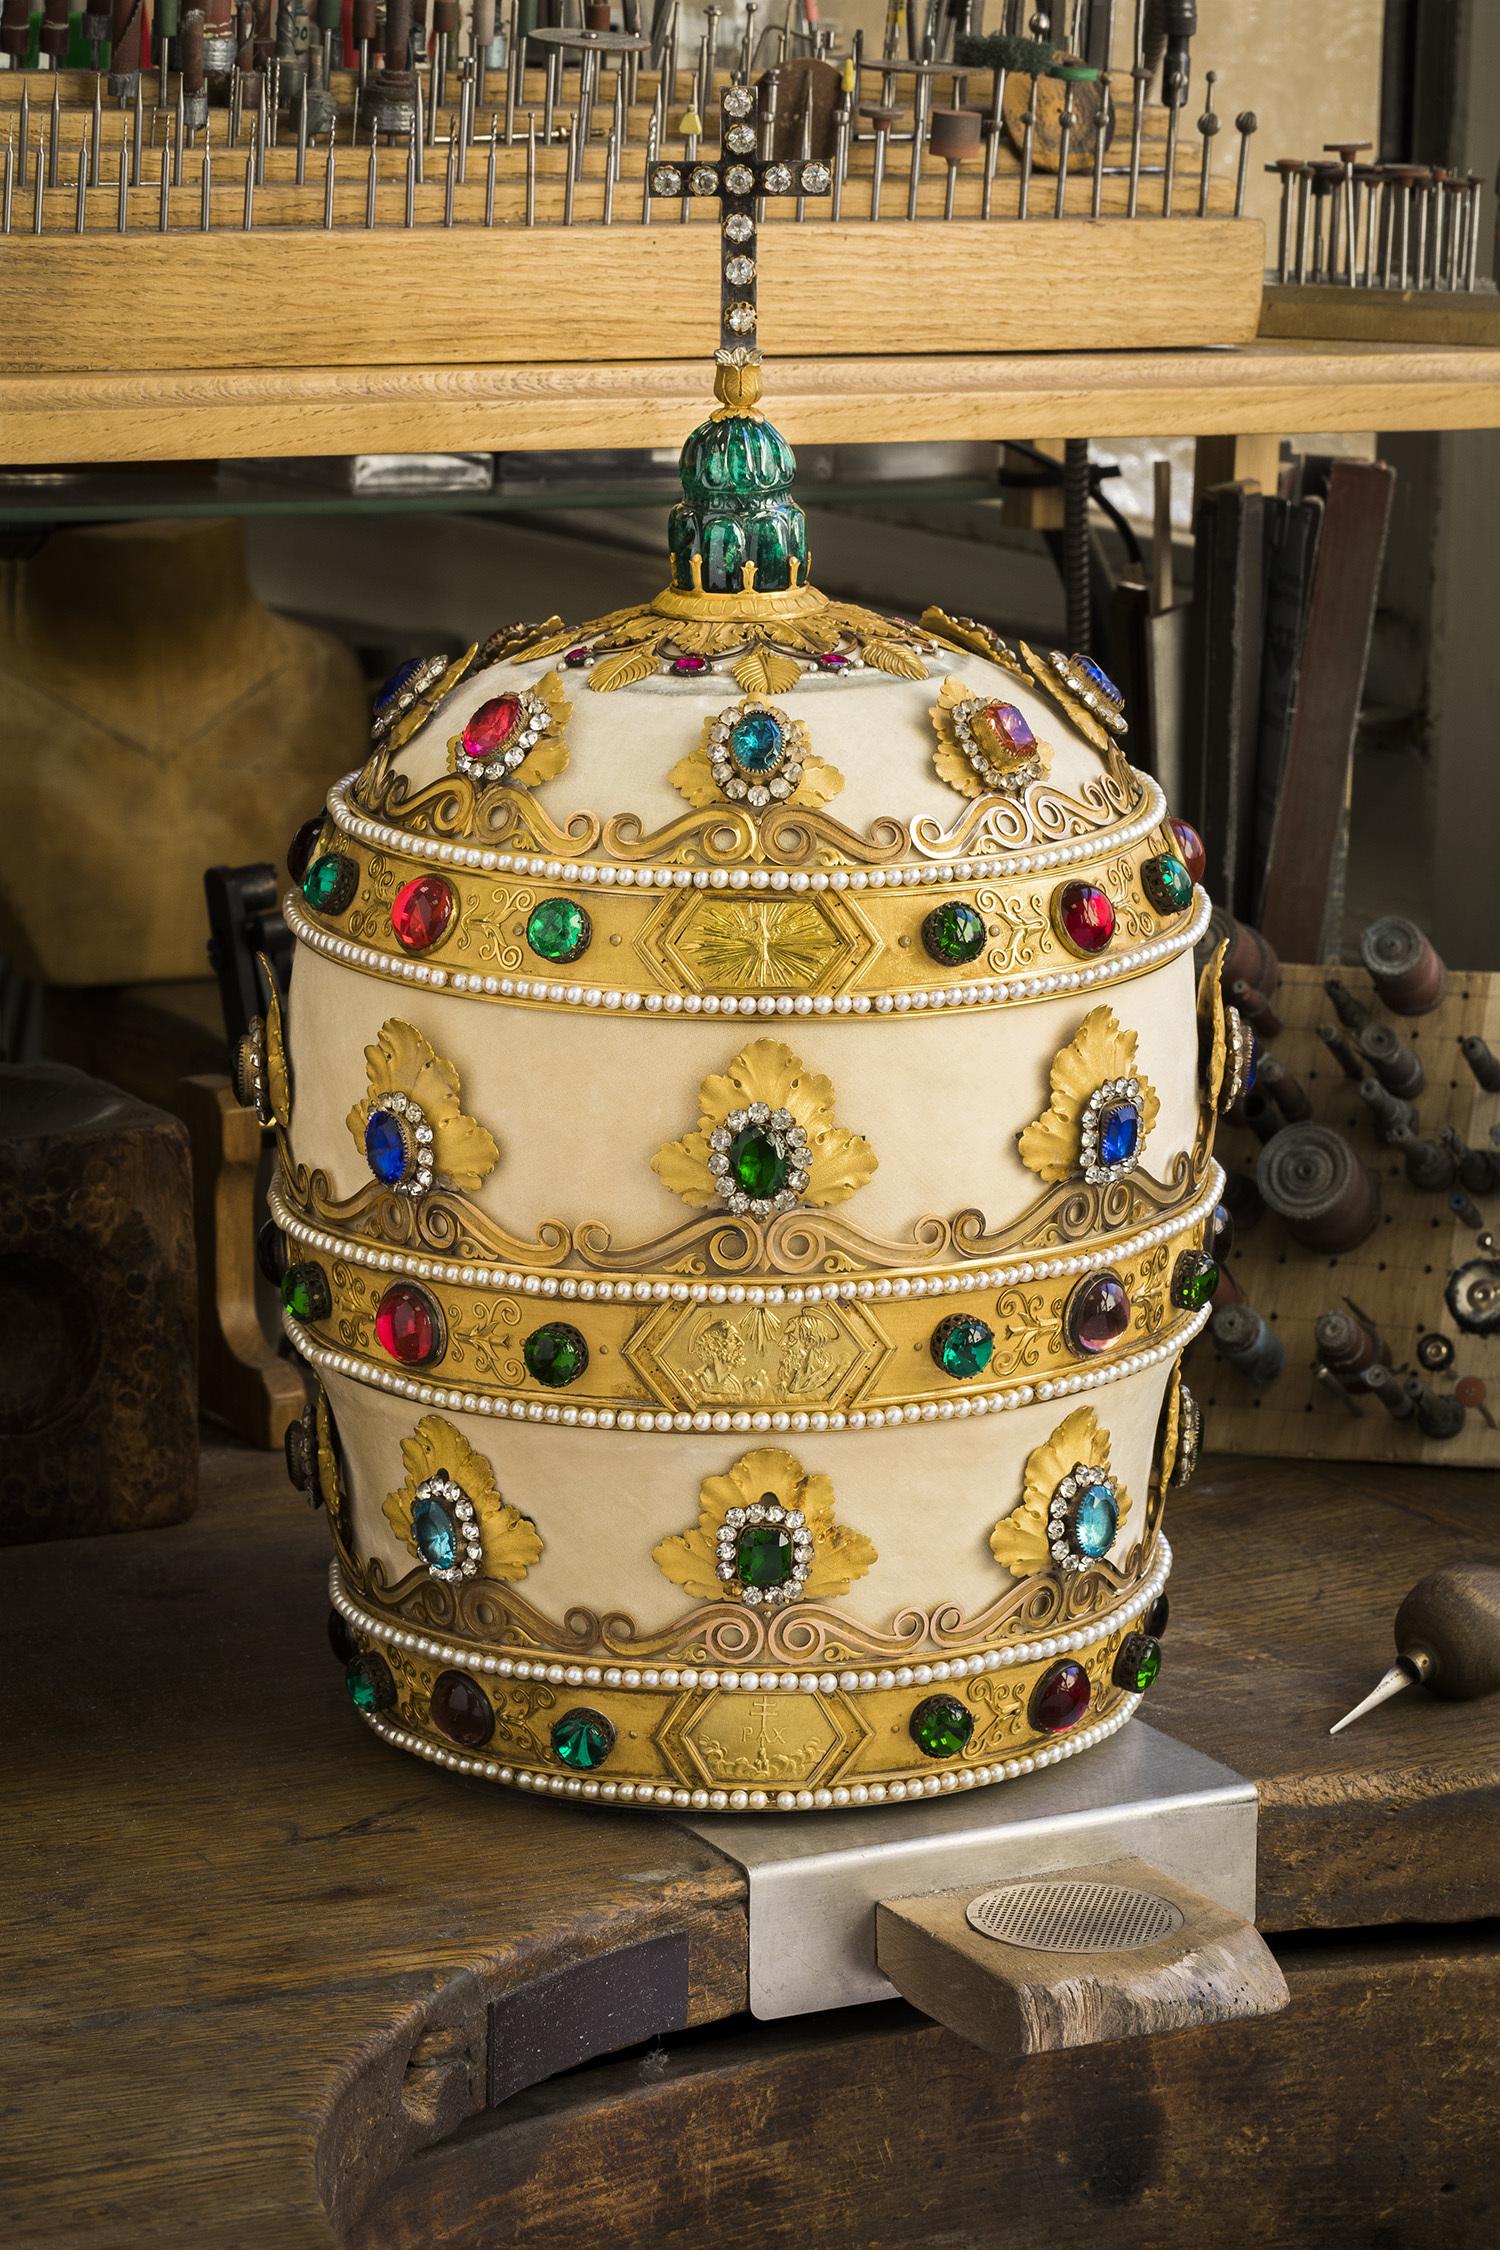 アンリ・オーギュスト(金銀細工職人)、マリ=エティエンヌ・ニト、フランソワ=ルニョー・ニト 《皇帝ナポレ オン1世より贈呈された教皇ピウス7世のティアラ》 1804-1805年(後世に数回修正) ゴールド、シルバー、金箔、エメラルド、ラインストーン、真珠、合成石、カ ットガラス、シルクのヴェルヴェット、ラメ入りのゴールド、金属糸、木、紙 教皇庁聖具室、ローマ (C) Chaumet / Régis Grman